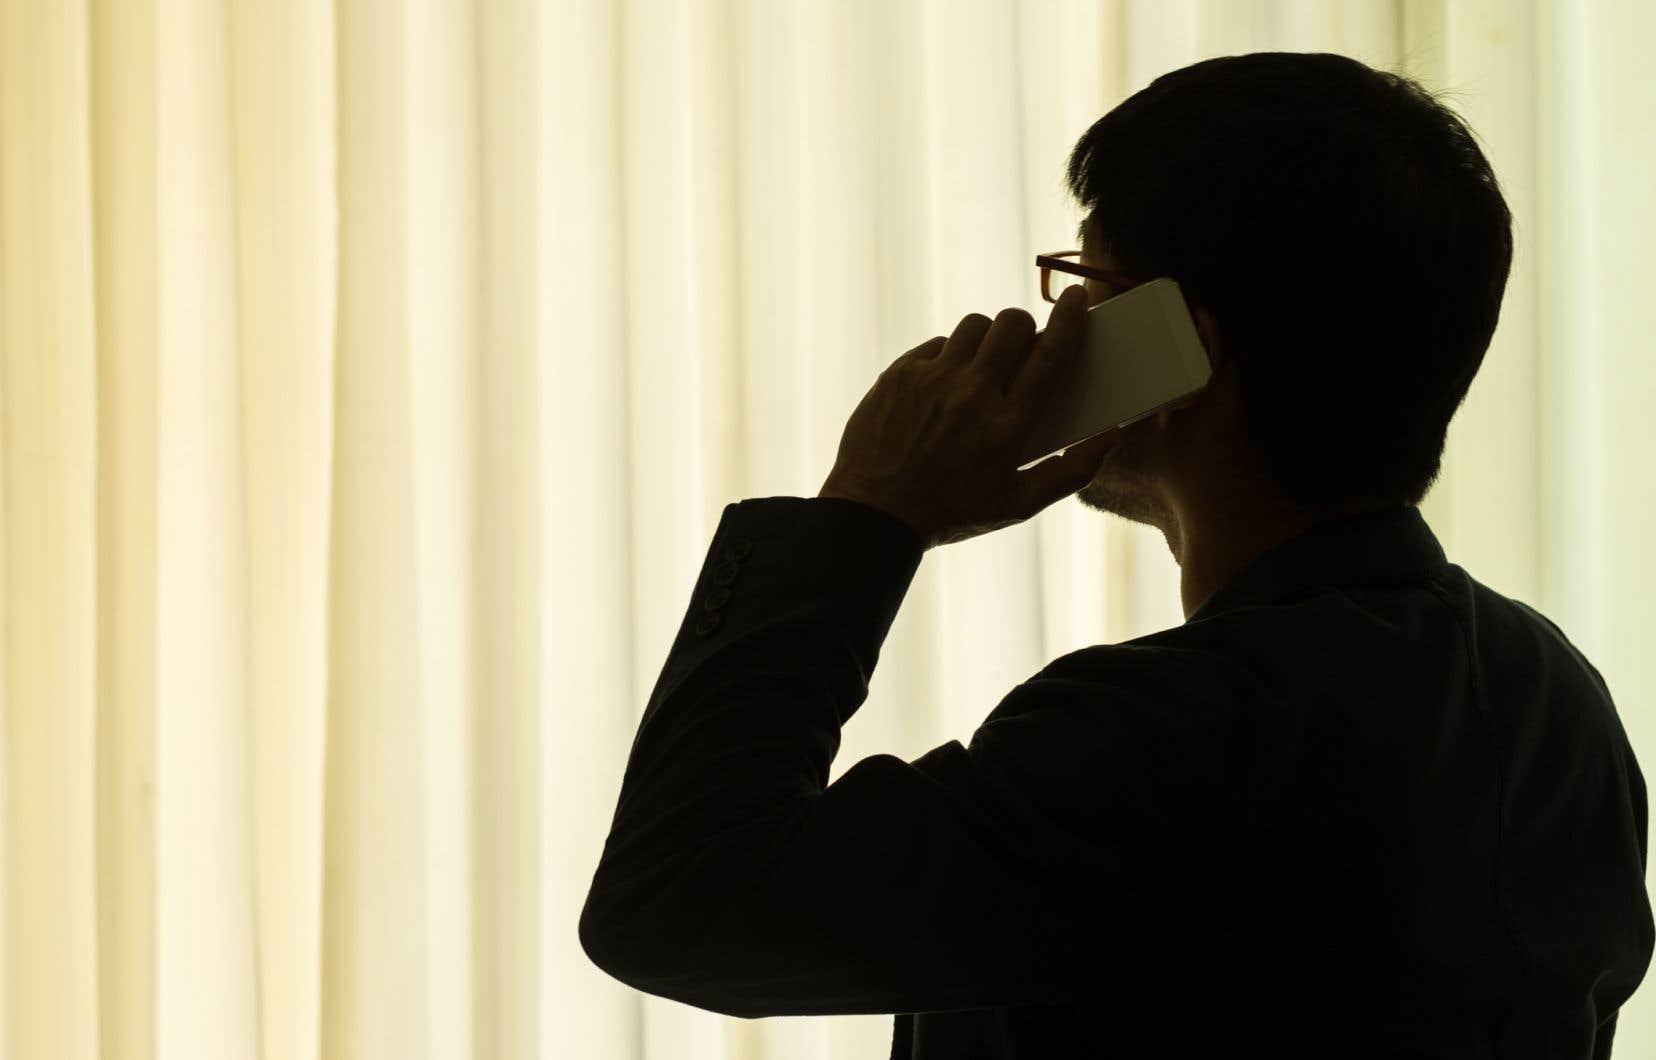 Dans certains ministères, au-delà d'un certain seuil de volume d'appels, l'option de parler à un agent n'était plus offerte.